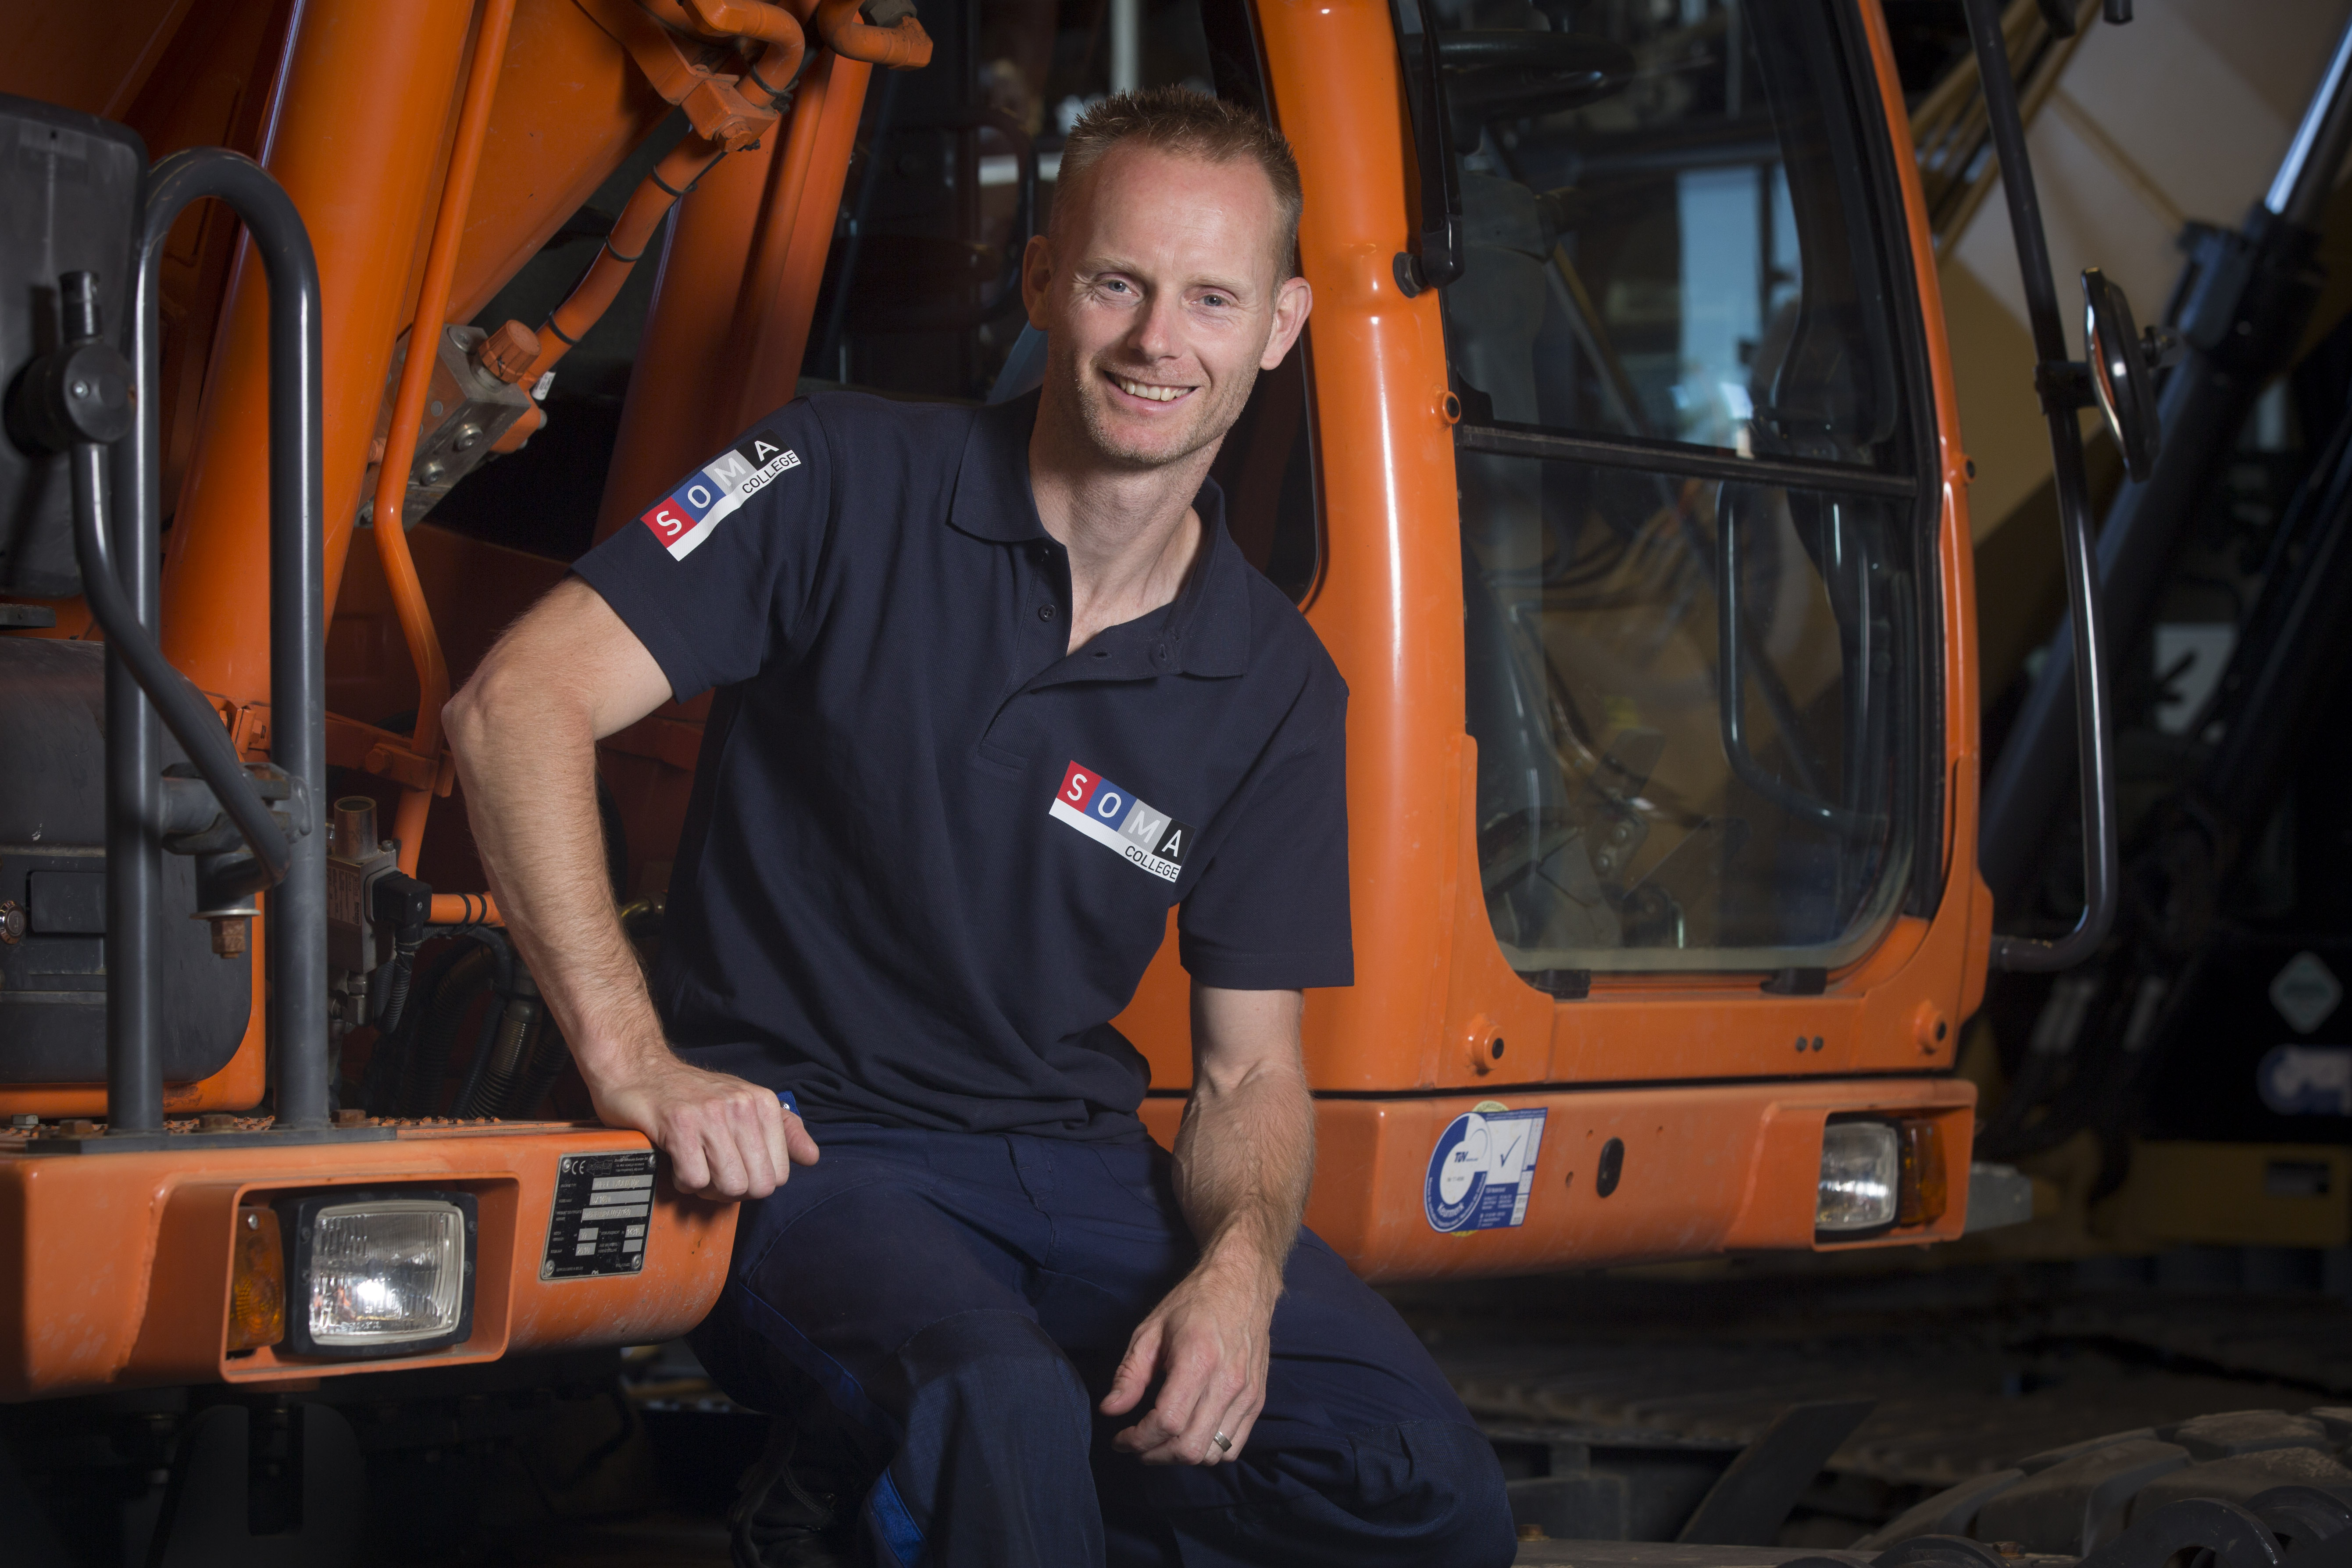 <p>Om de kennis op peil te houden heeft Patrick Vuijk Noorland heeft als docent monteur hydrauliek en motoren regelmatig contact met machineleveranciers. 'Als ik bel om een hydraulisch schema van een bepaalde machine, dan krijg ik die zonder problemen.'</p>